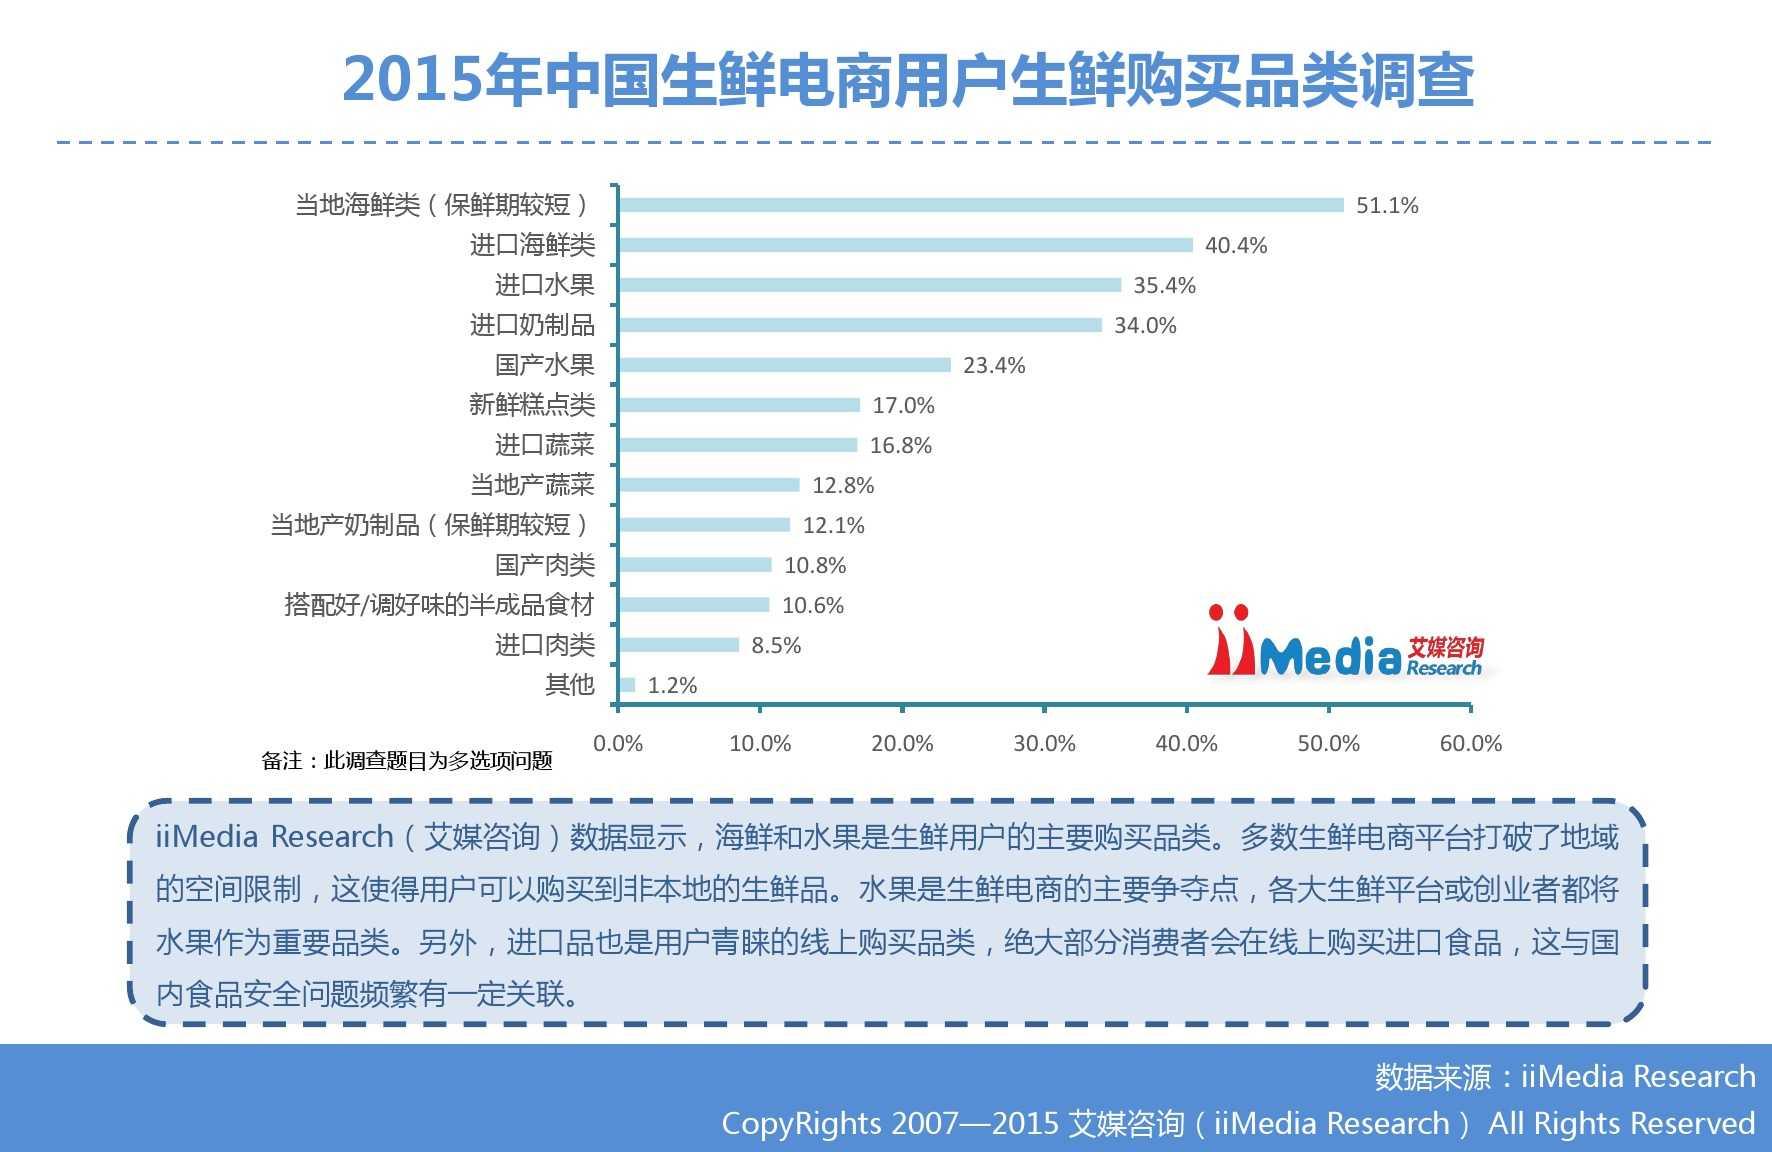 艾媒咨询:2015年中国生鲜电商市场研究报告_000026